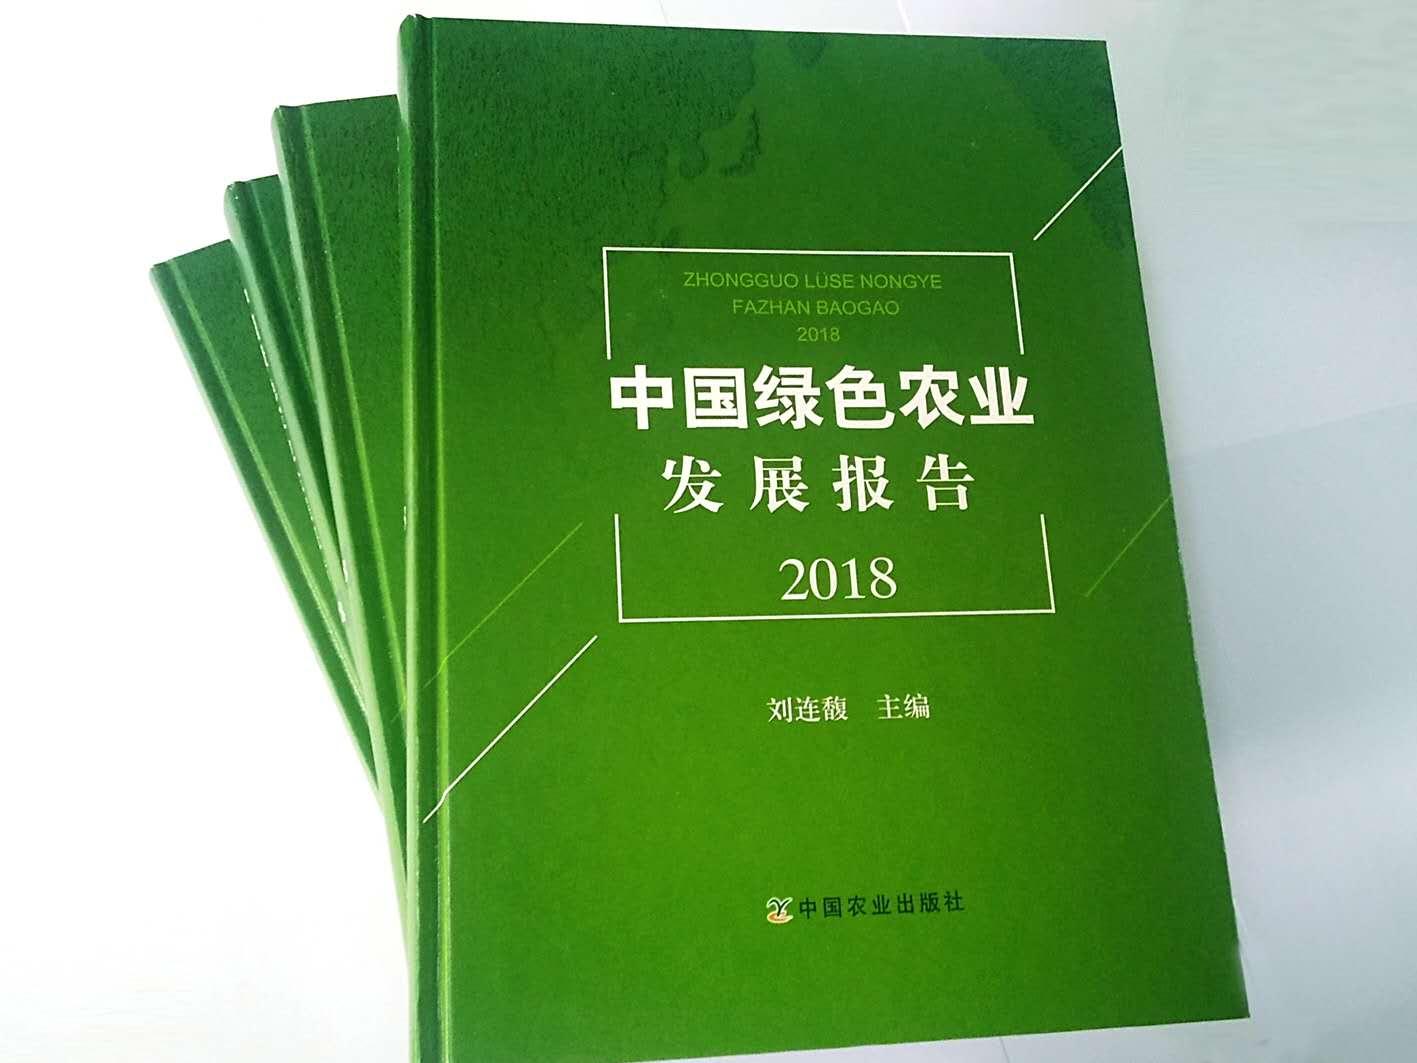 助推乡村振兴战略:首部《绿色农业发展报告》出版